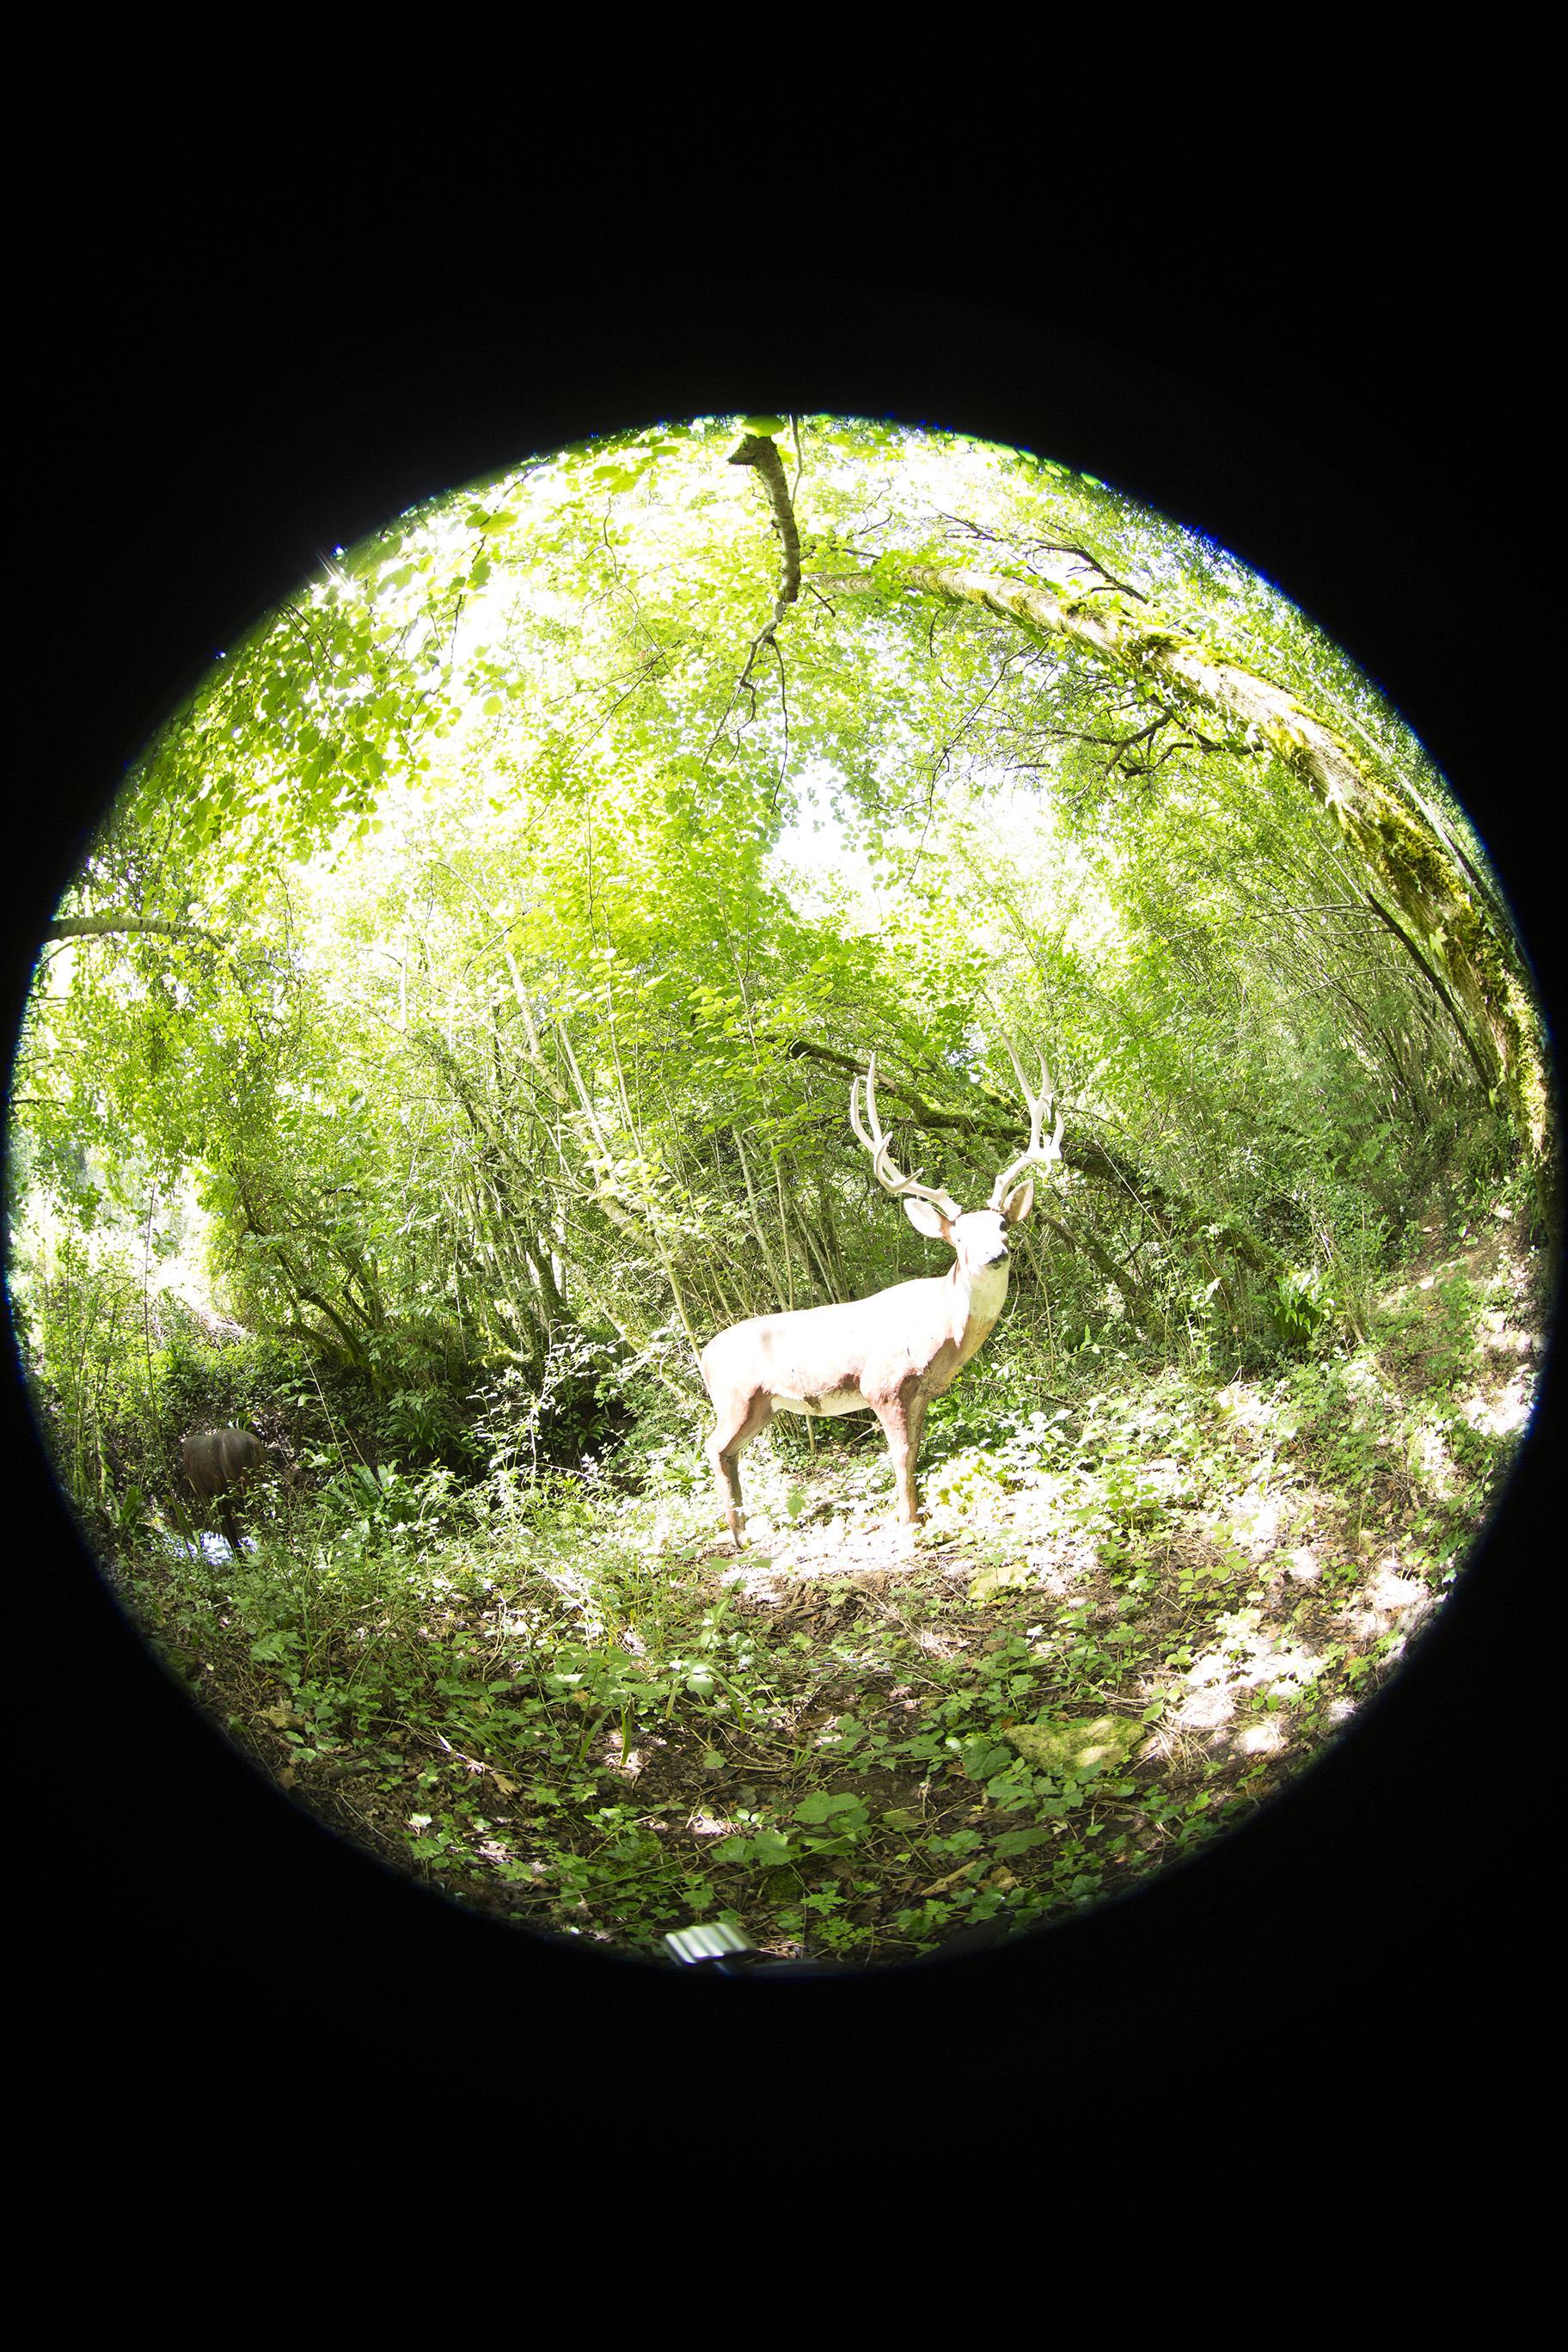 creer-une-visite-virtuelle.com_HDR_Roc_de_cazelle-3.jpg